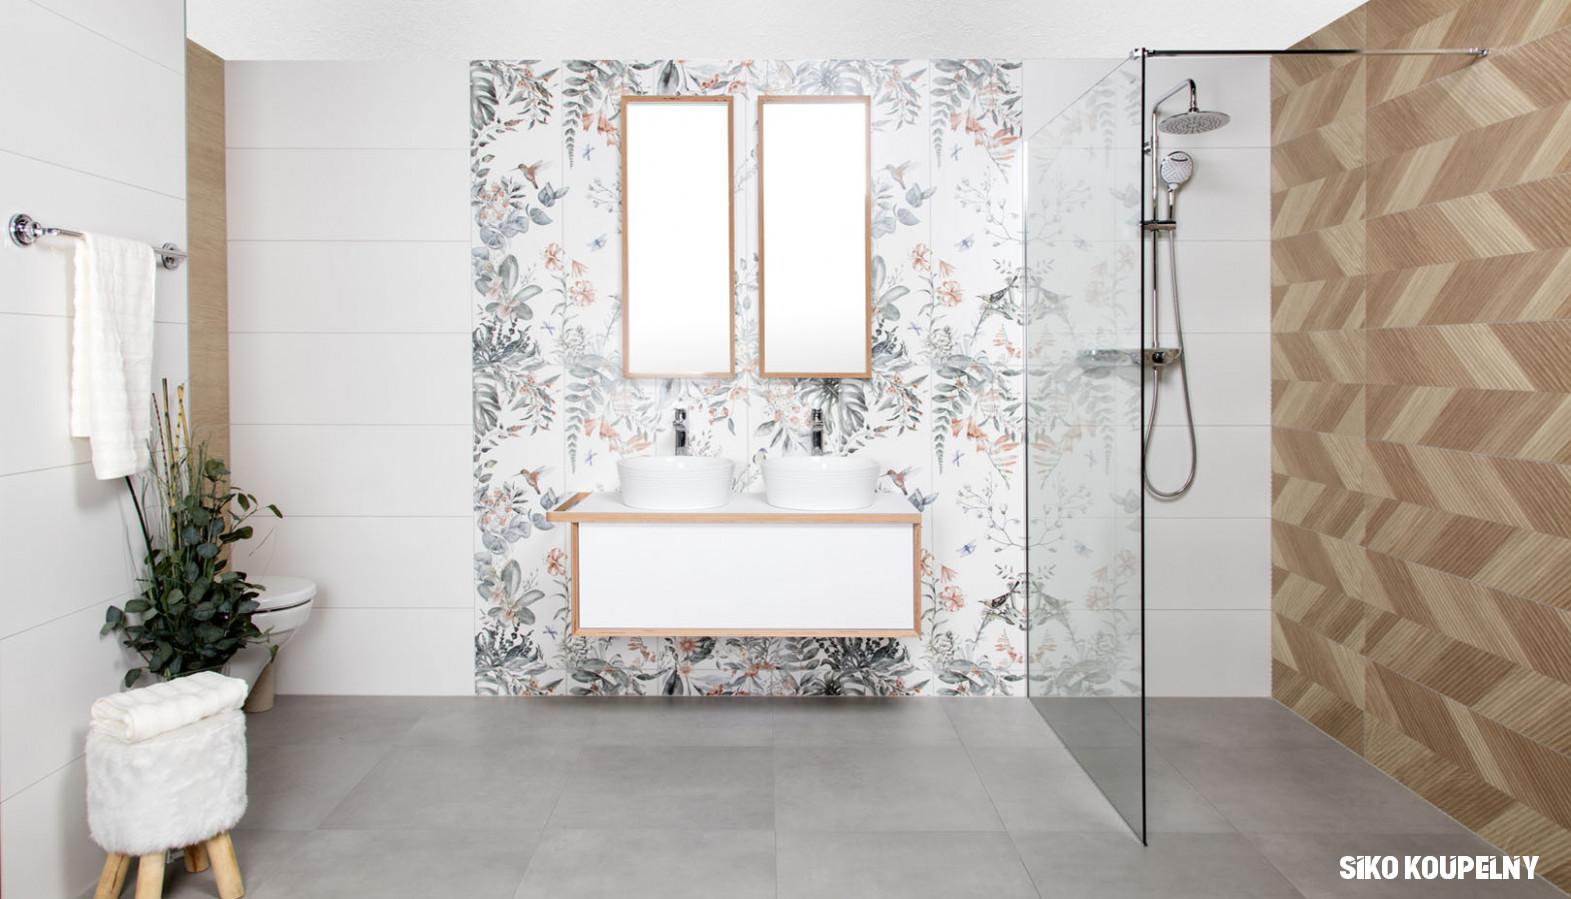 Siko Koupelny